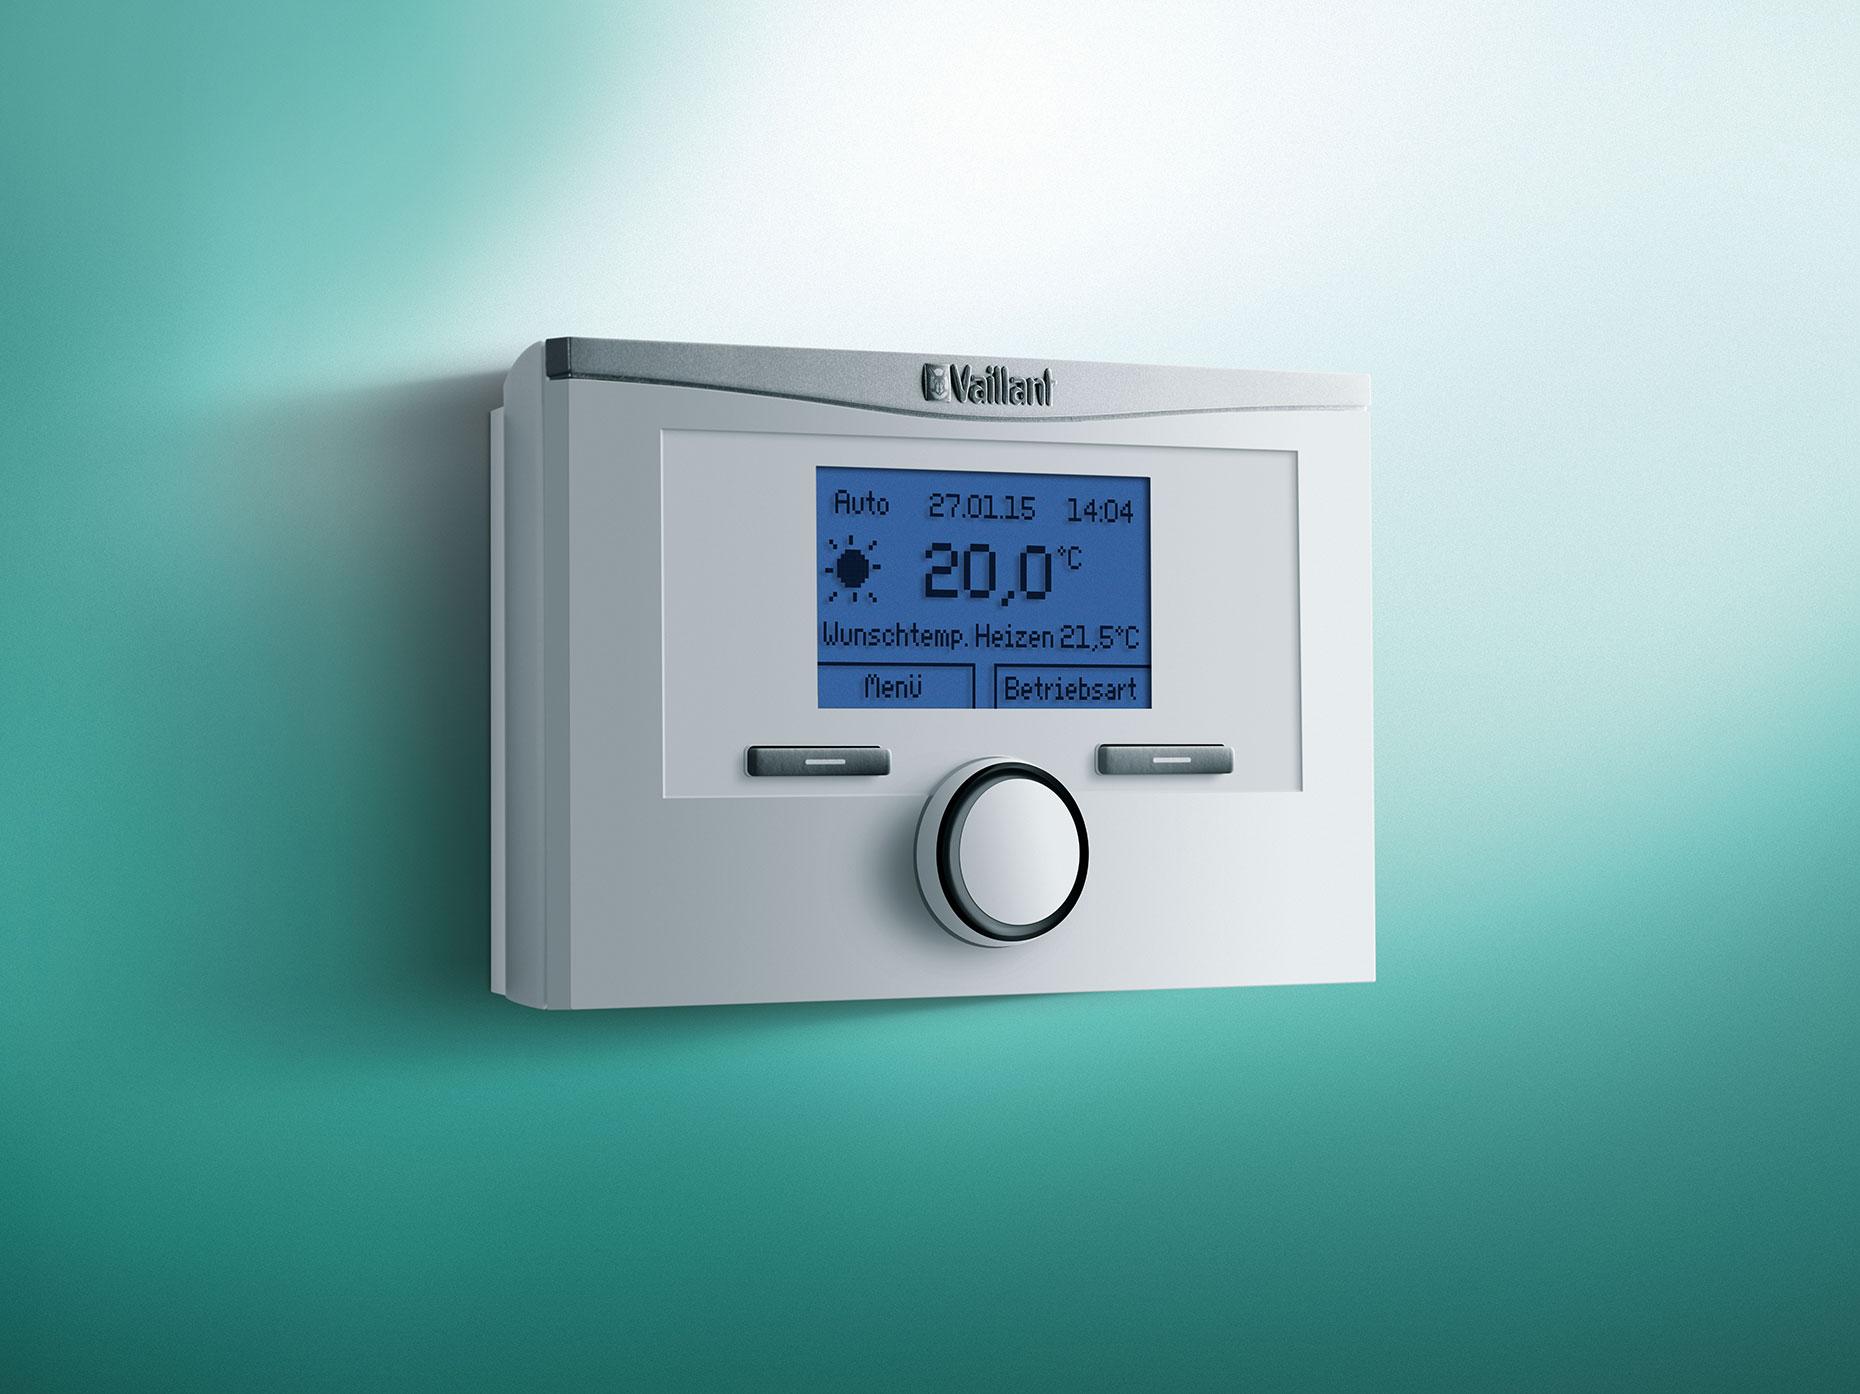 raumtemperaturregler calormatic 350 produktinfos vaillant. Black Bedroom Furniture Sets. Home Design Ideas